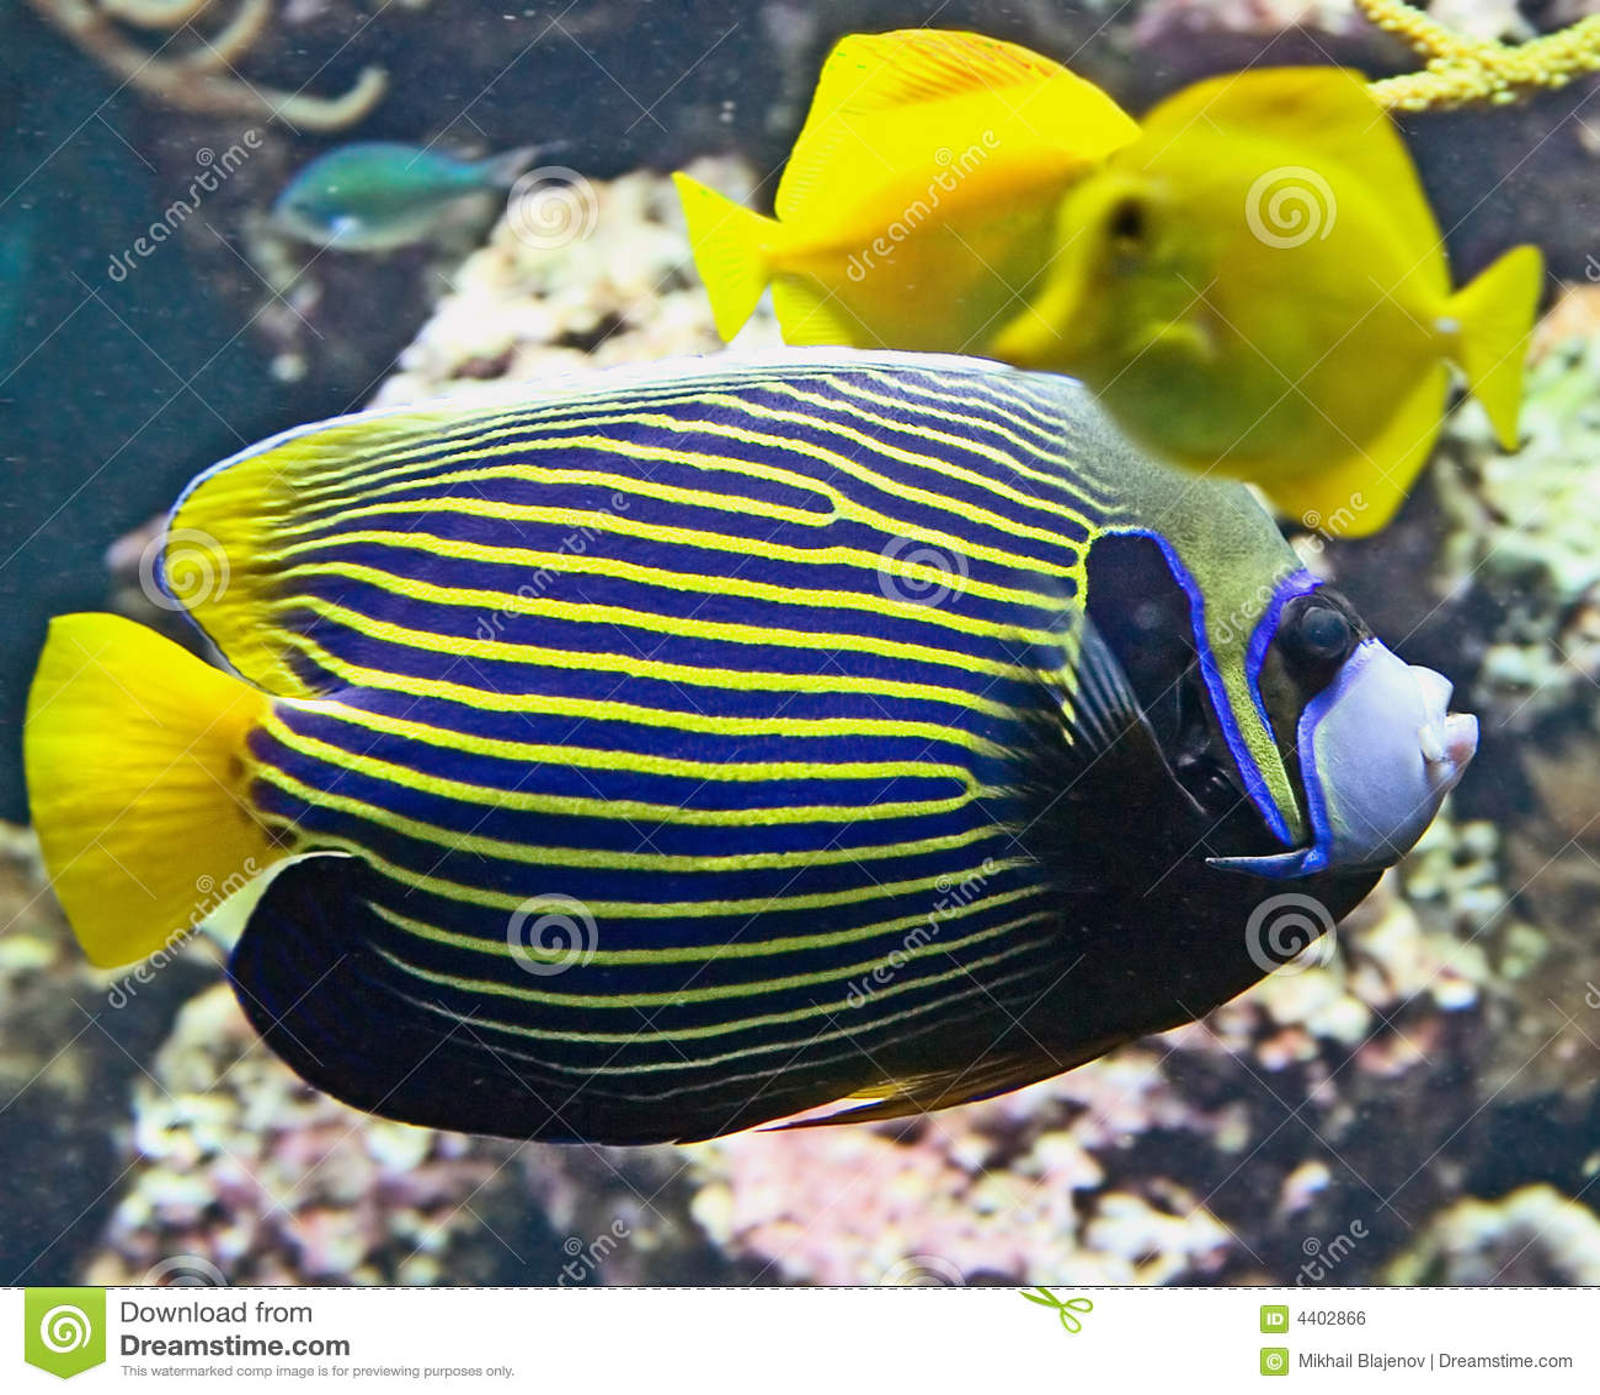 Emperor angelfish 3